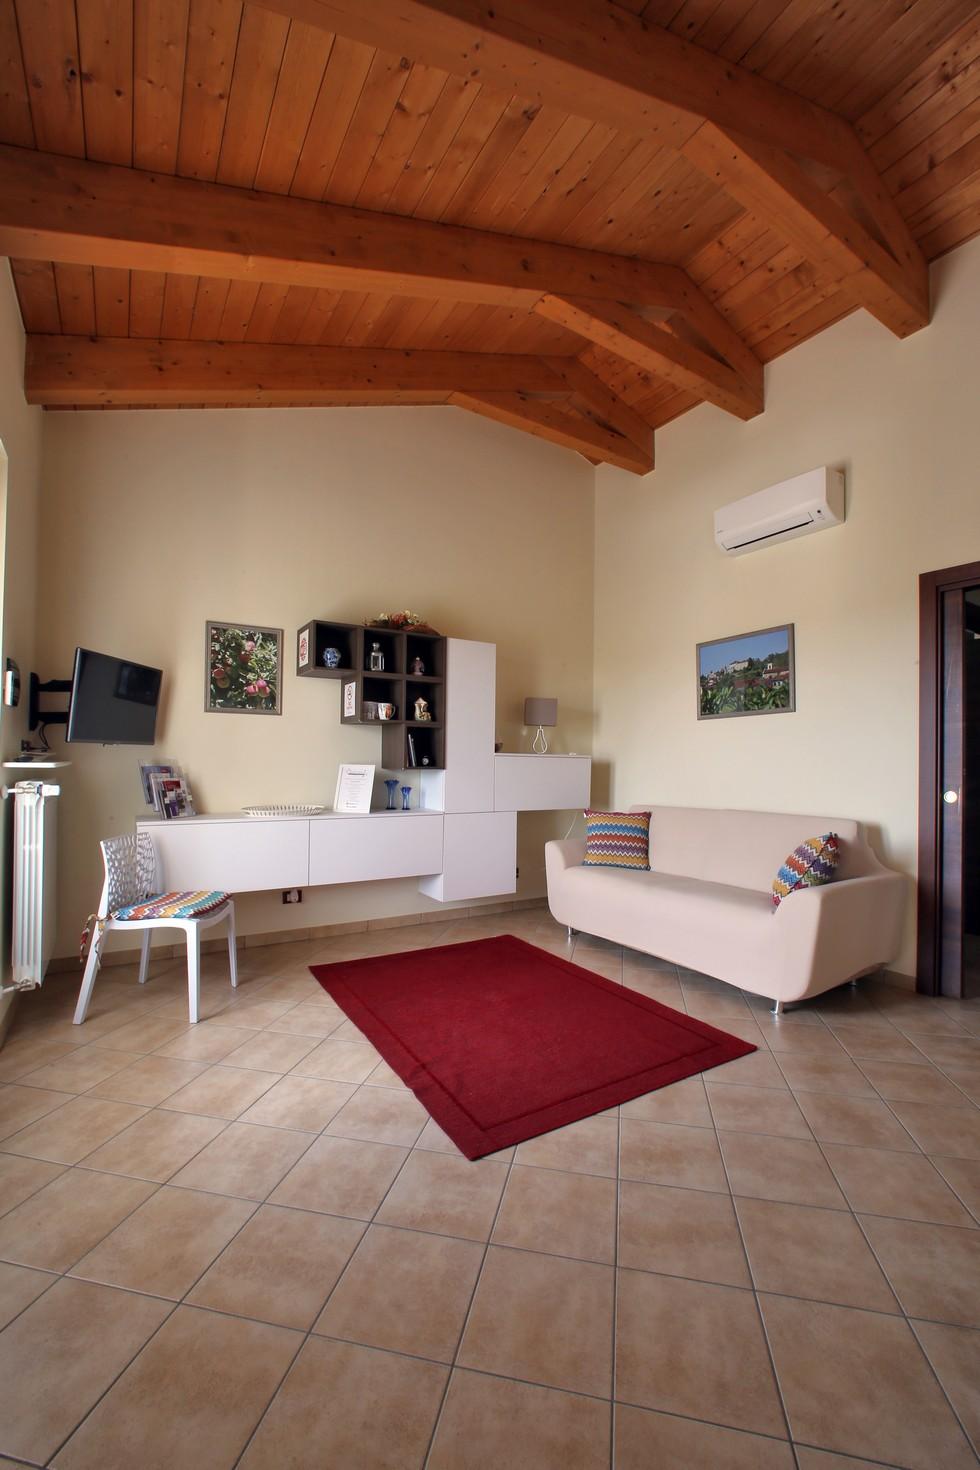 Salotto moderno con divano sedia, scrivania, scaffali